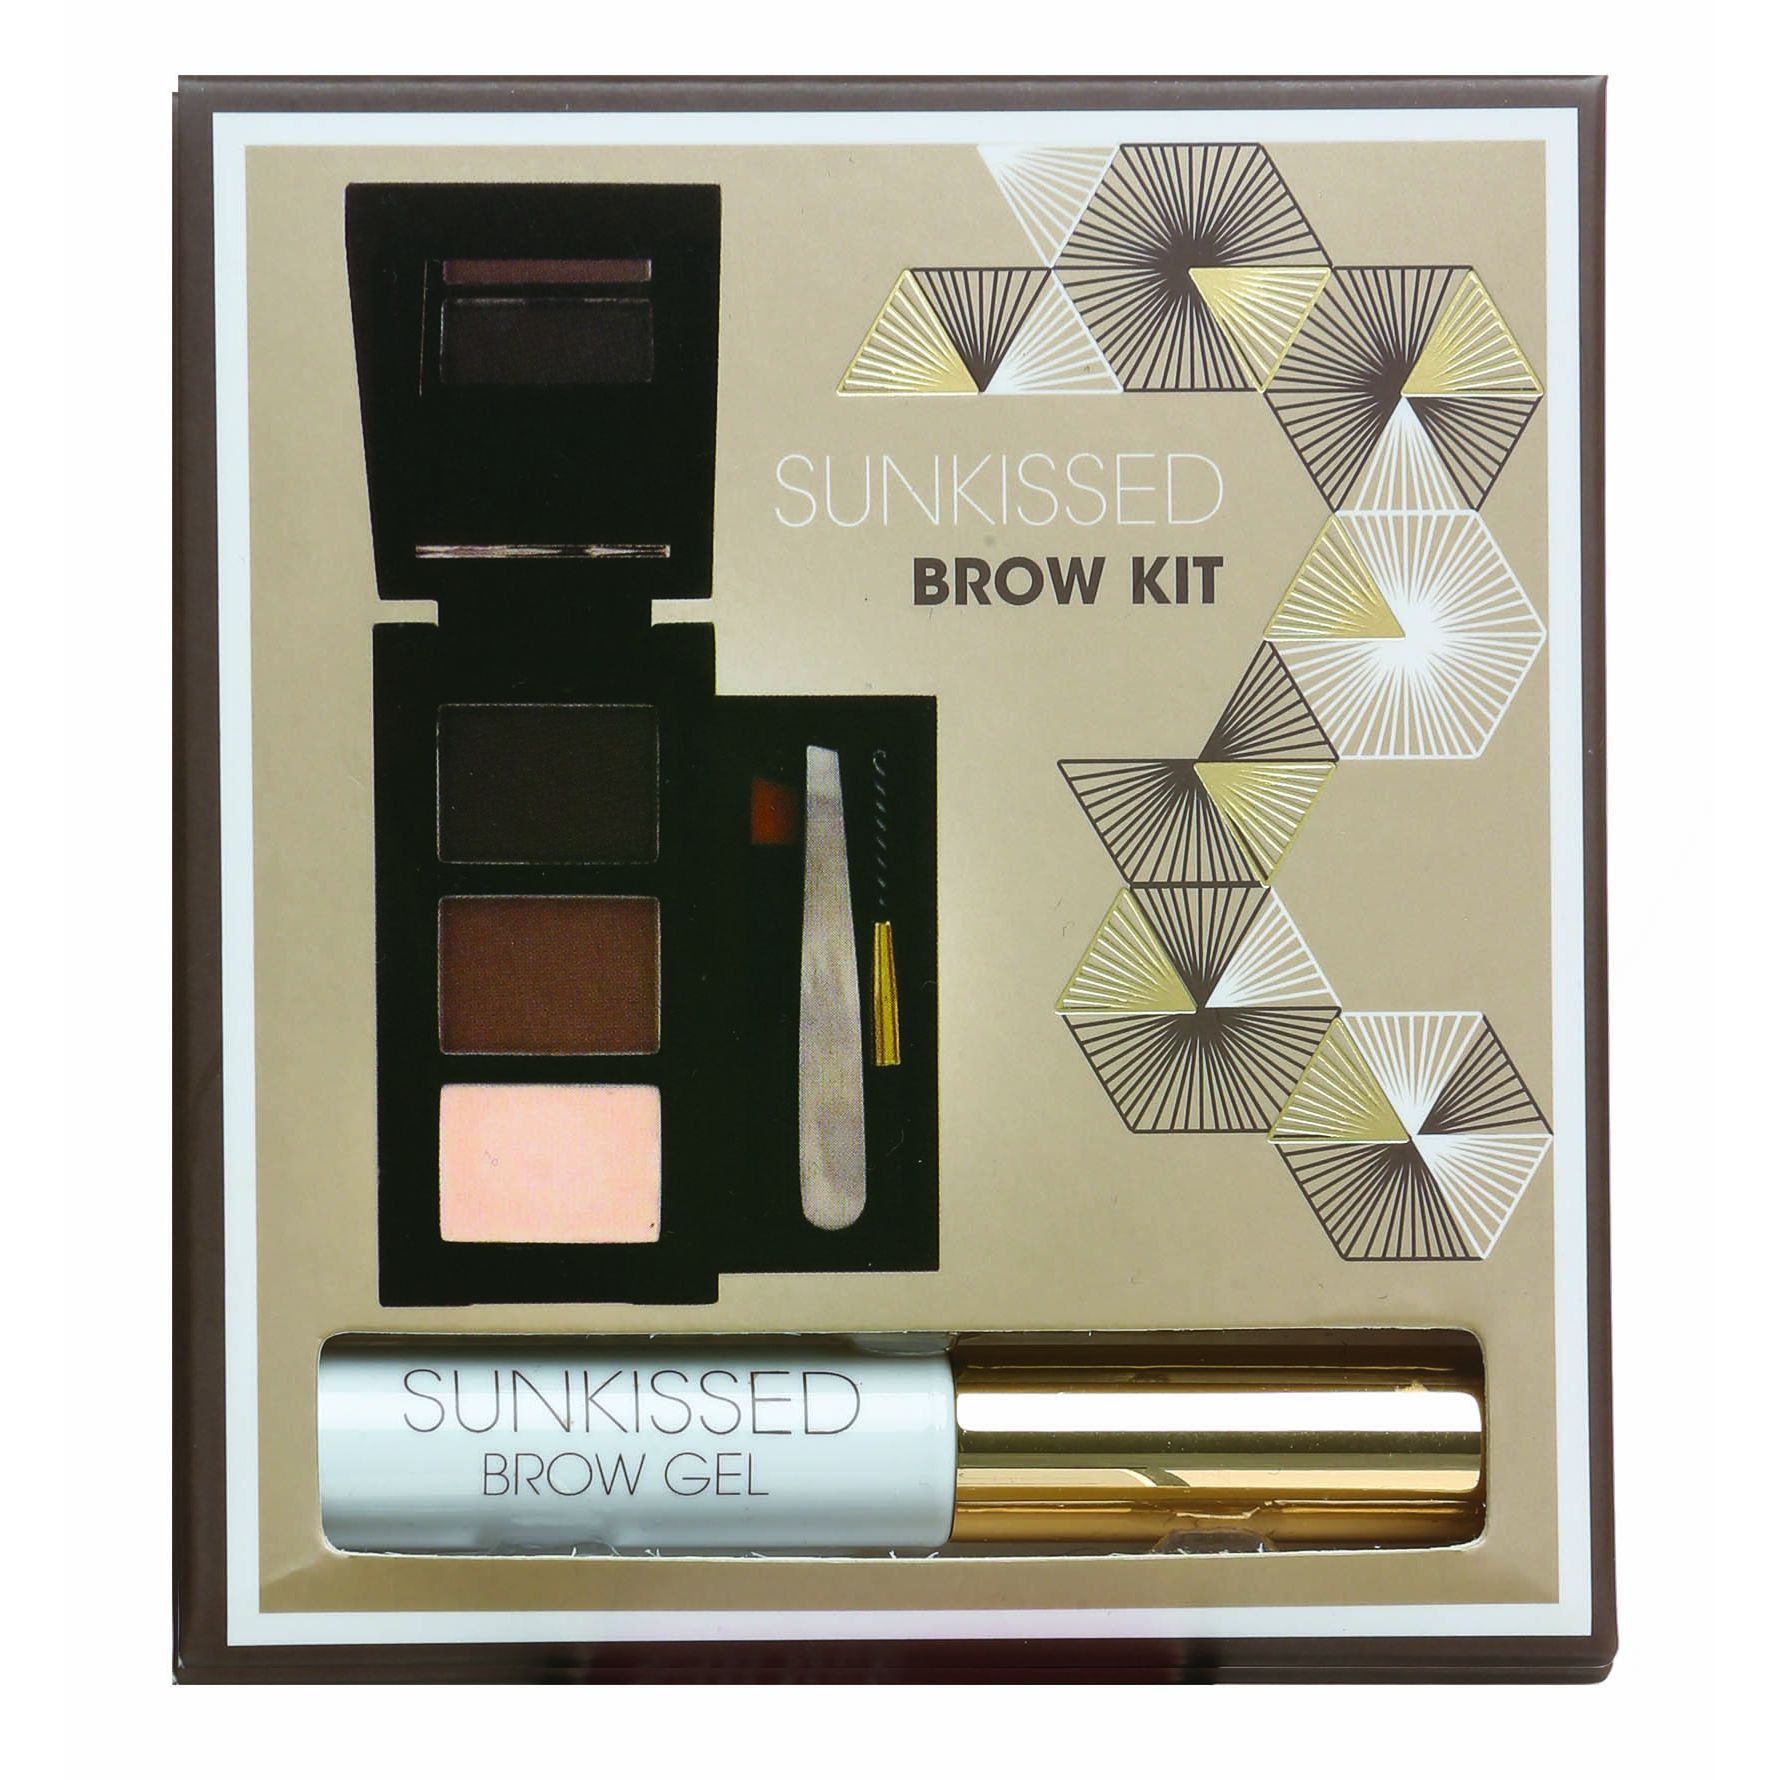 SUNkissed Brow Kit Confezione Regalo 2 x Polvere Compatta per Sopracciglia  Highlighter  Gel per Sopracciglia  Pinzetta